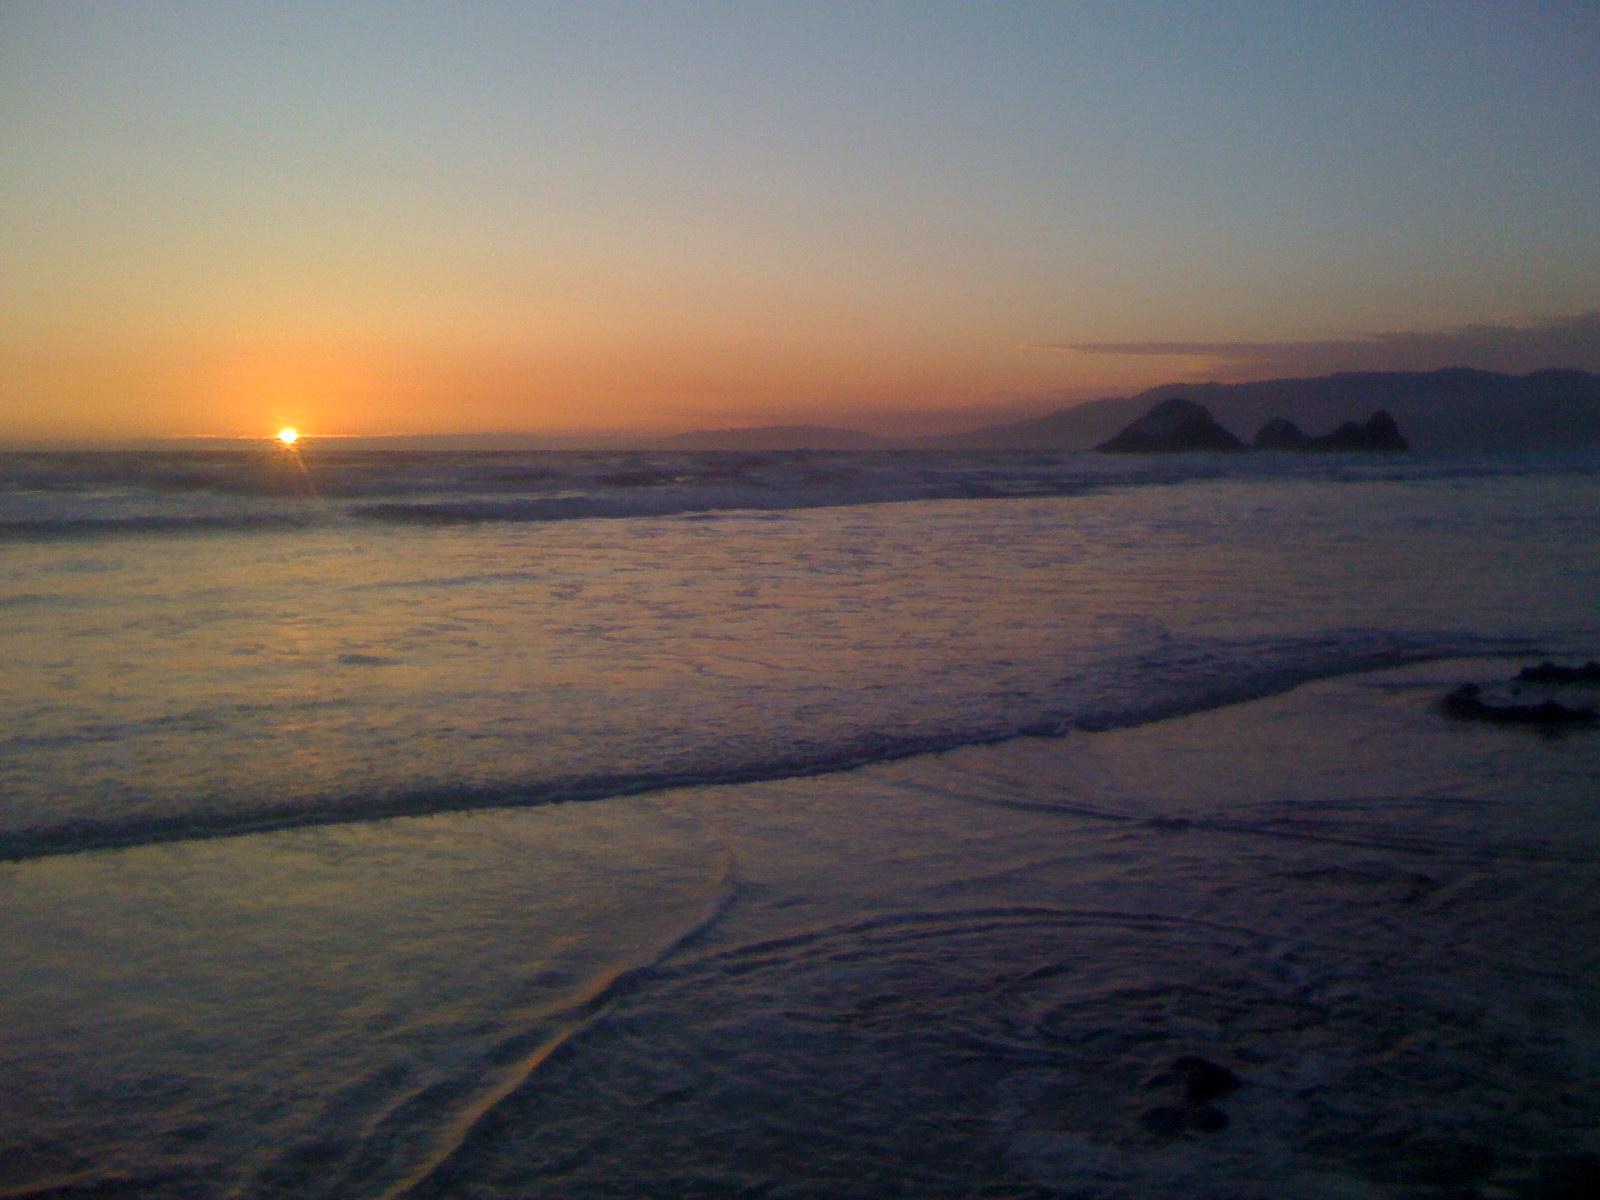 Ocean beach at San Francisco